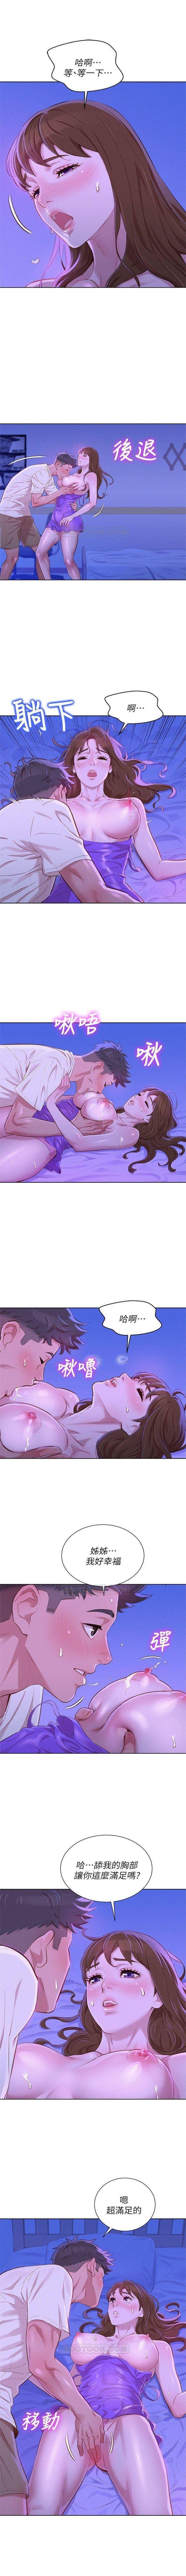 (週7)漂亮幹姐姐  1-92 中文翻譯 (更新中) 422